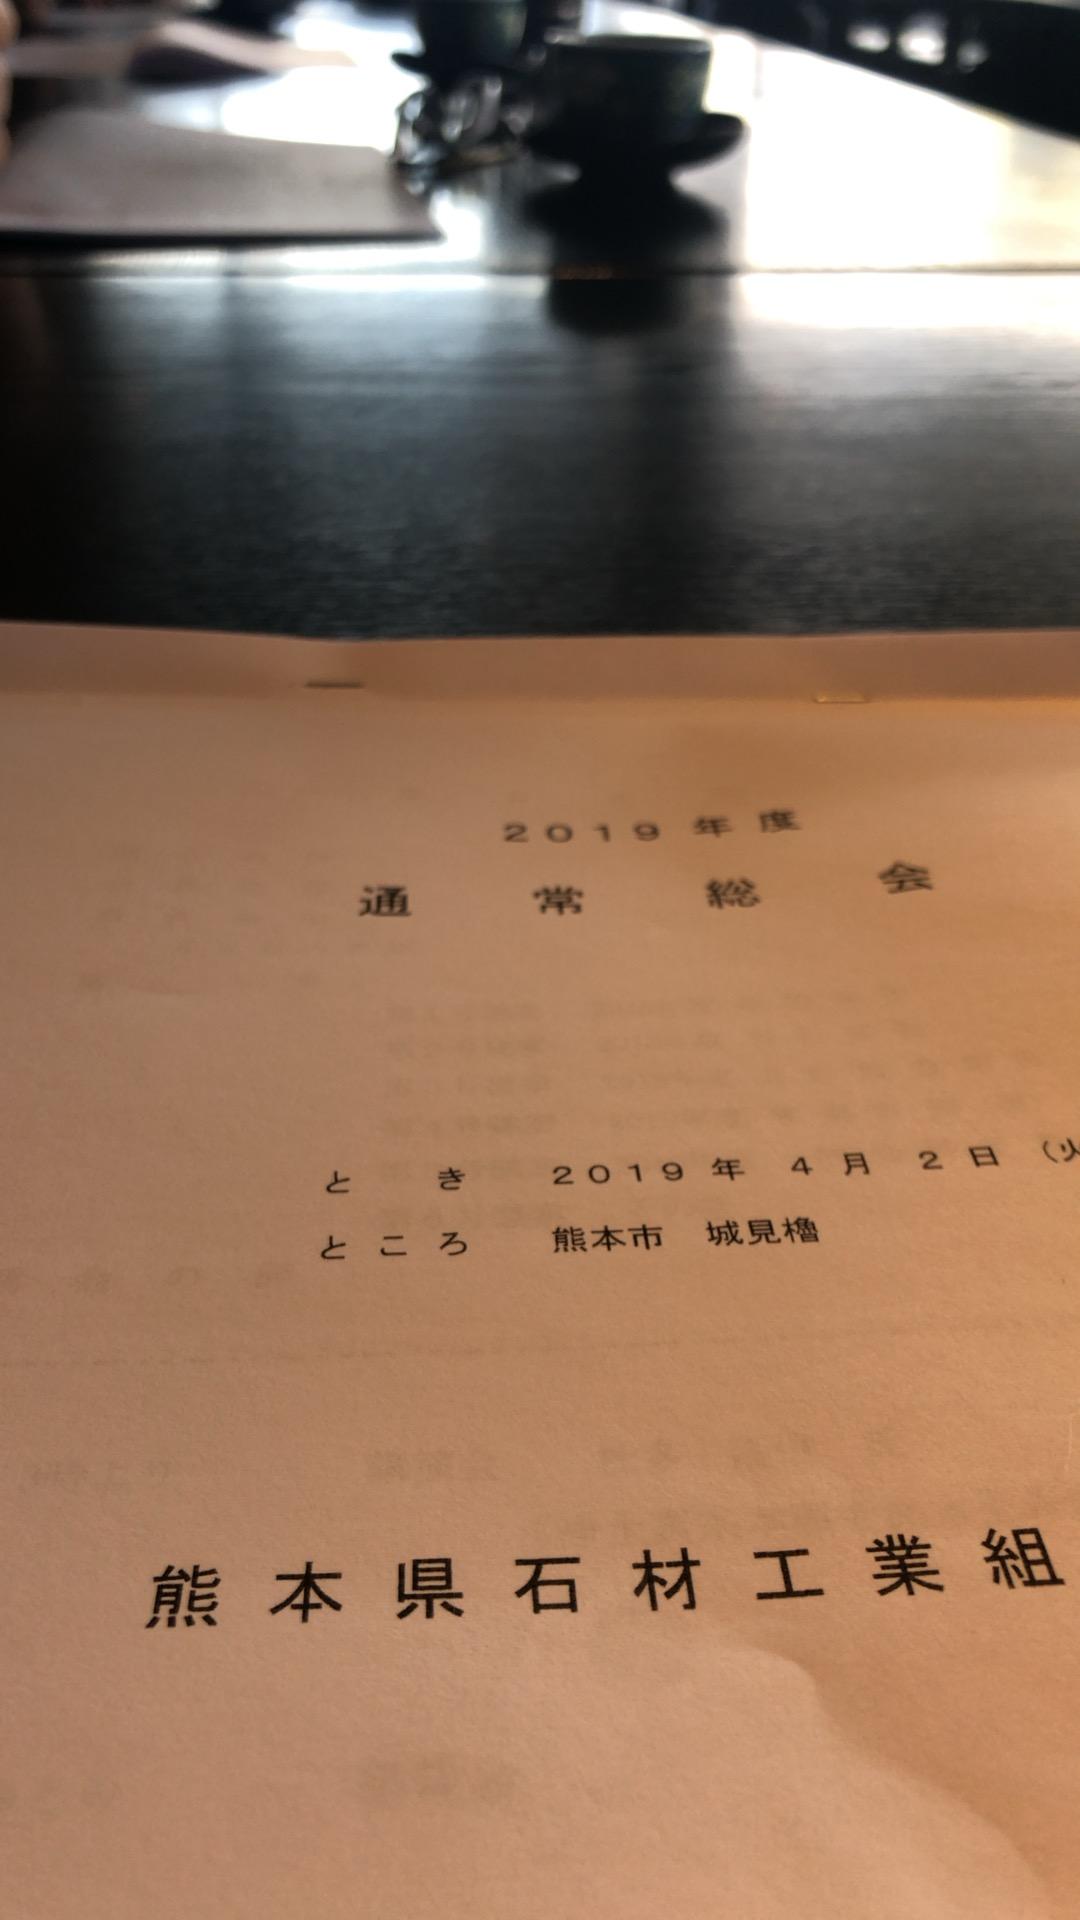 熊本県石材組合総会